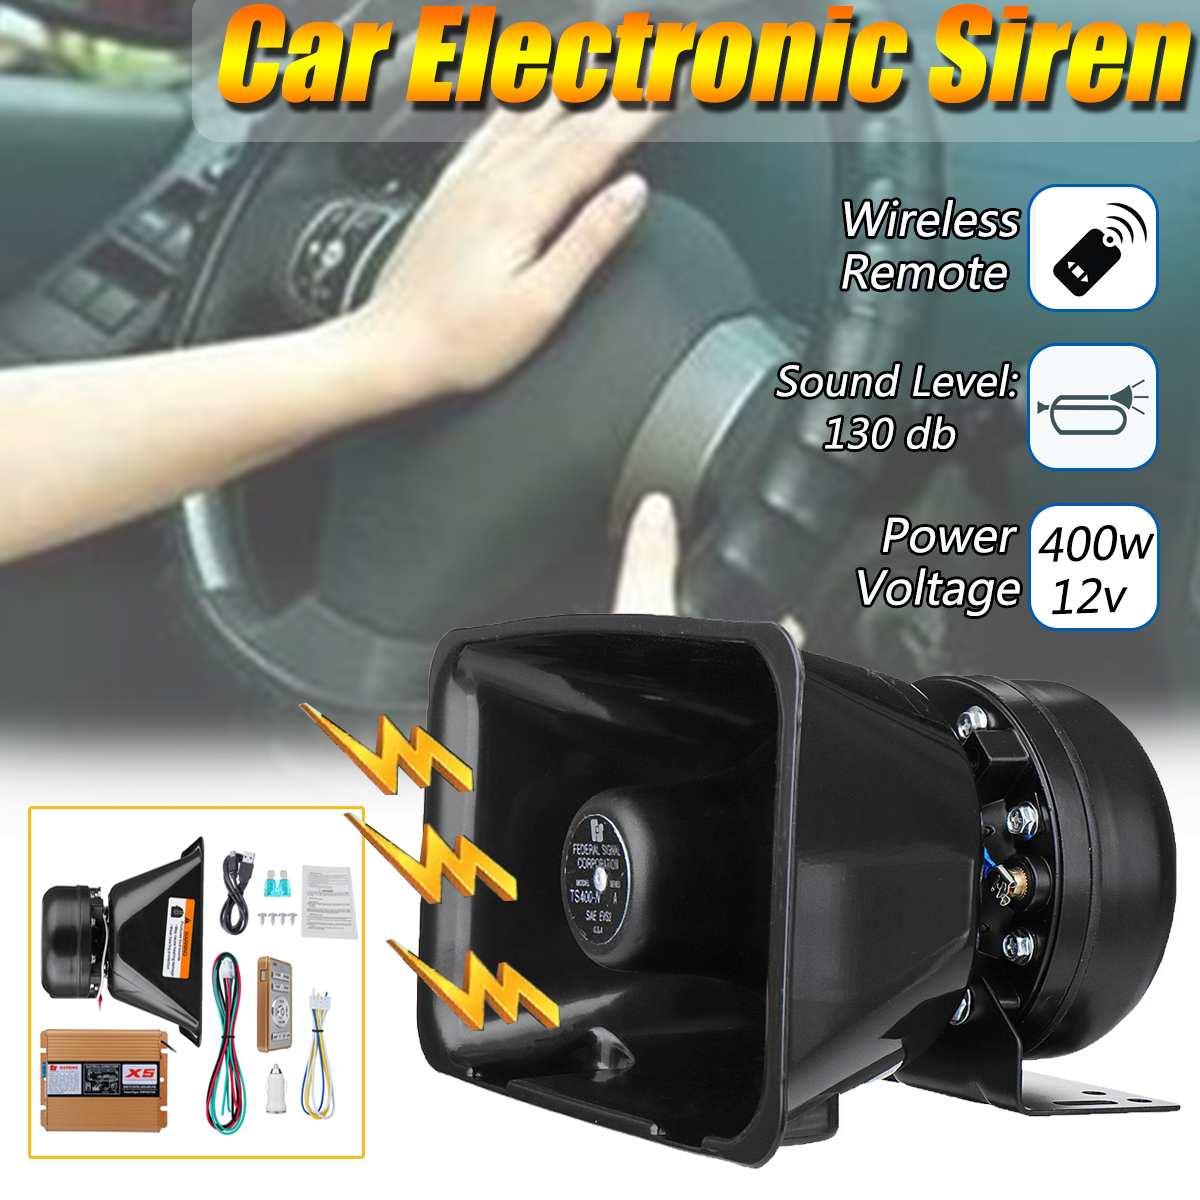 18 sons 400 w 12 v moteur Auto voiture véhicule camion sans fil télécommande sirène amplificateur avertisseur sonore sirène électronique haut-parleur